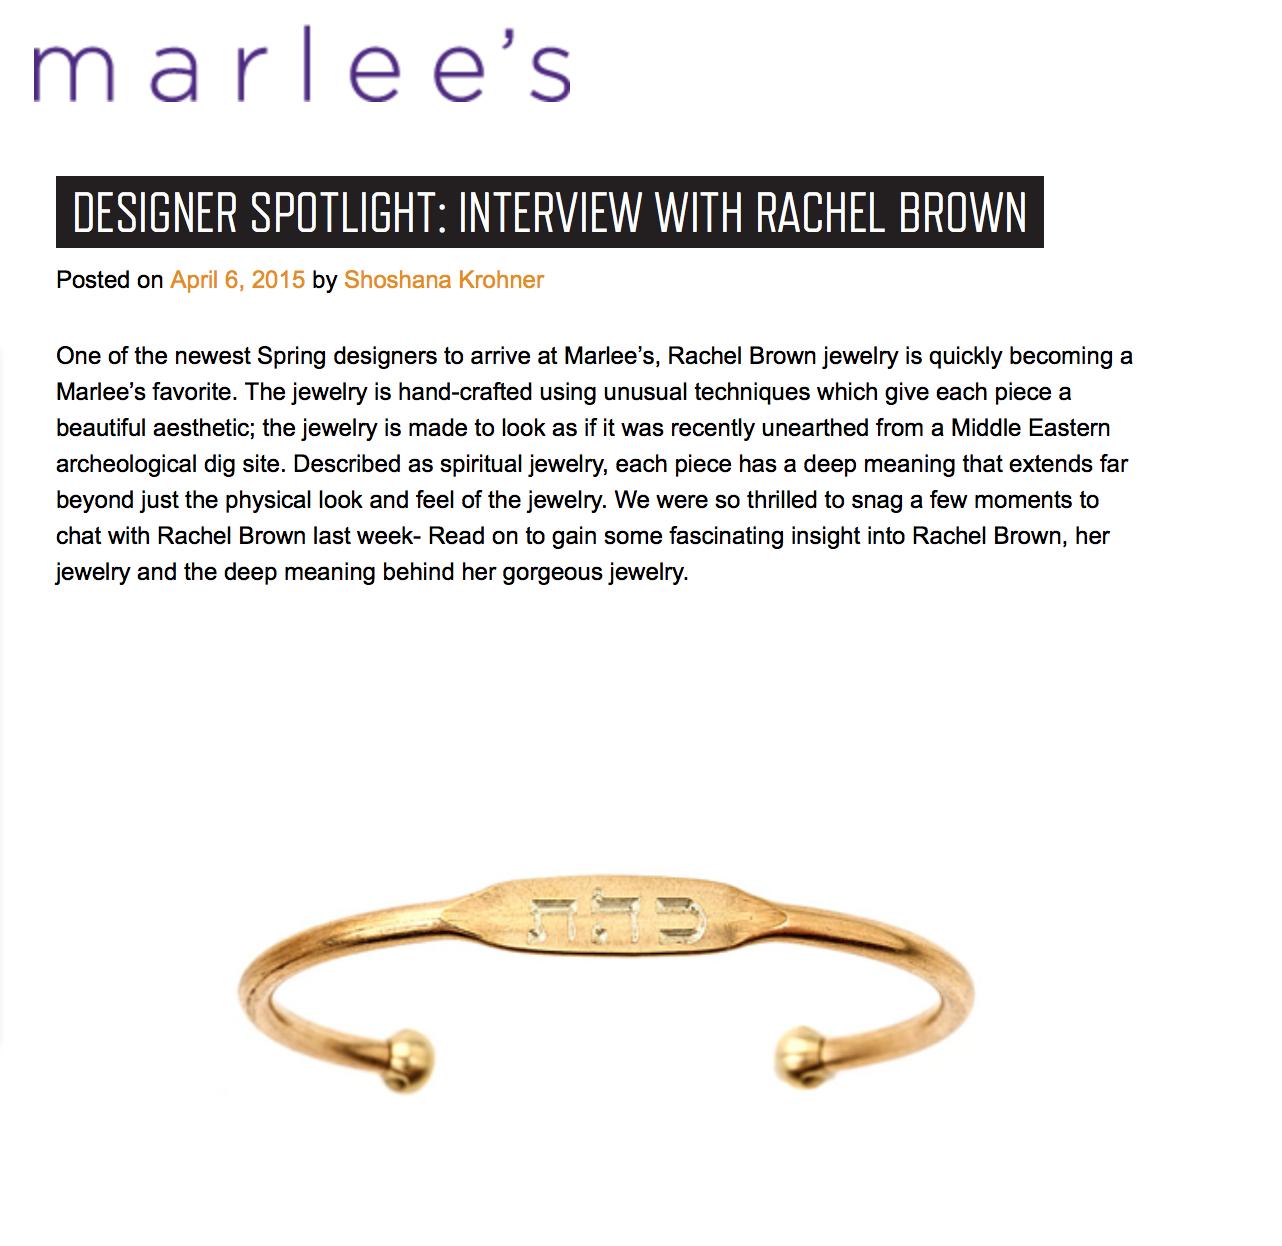 Designer Spotlight: Interview with Rachel Brown